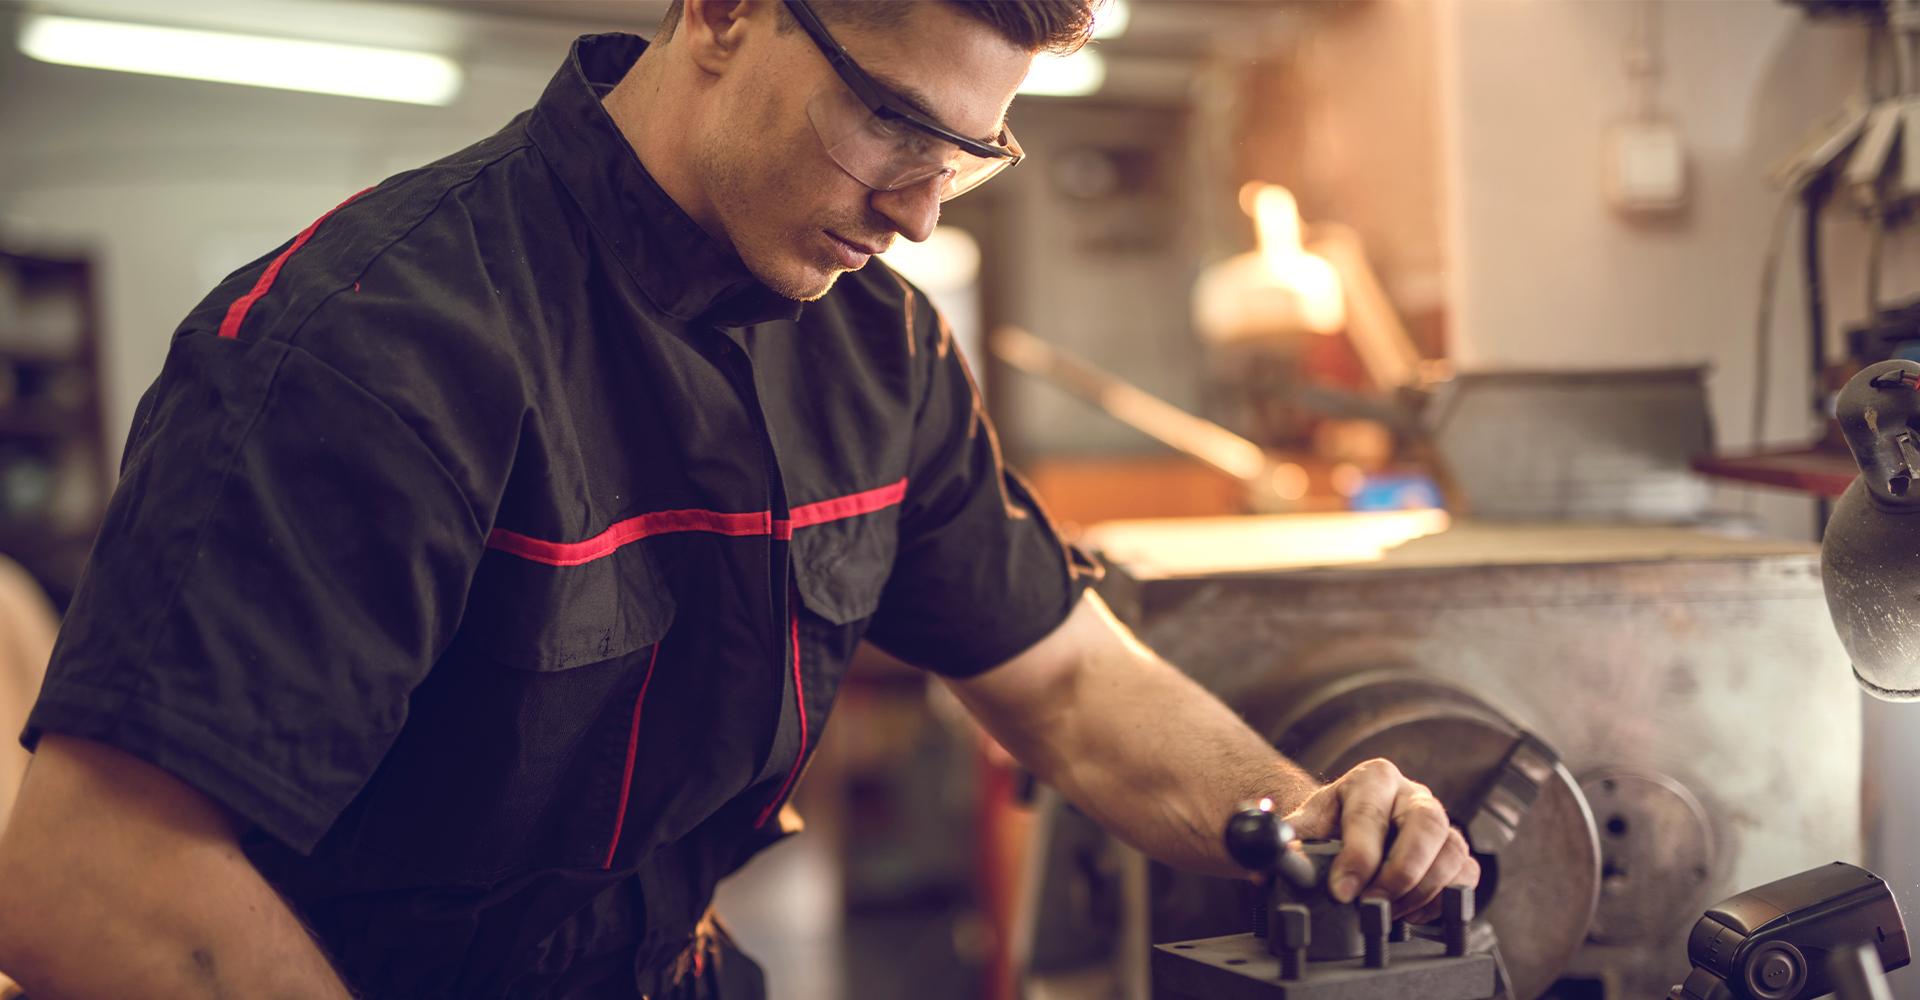 FKV - ARSLAN - Industrieleistung